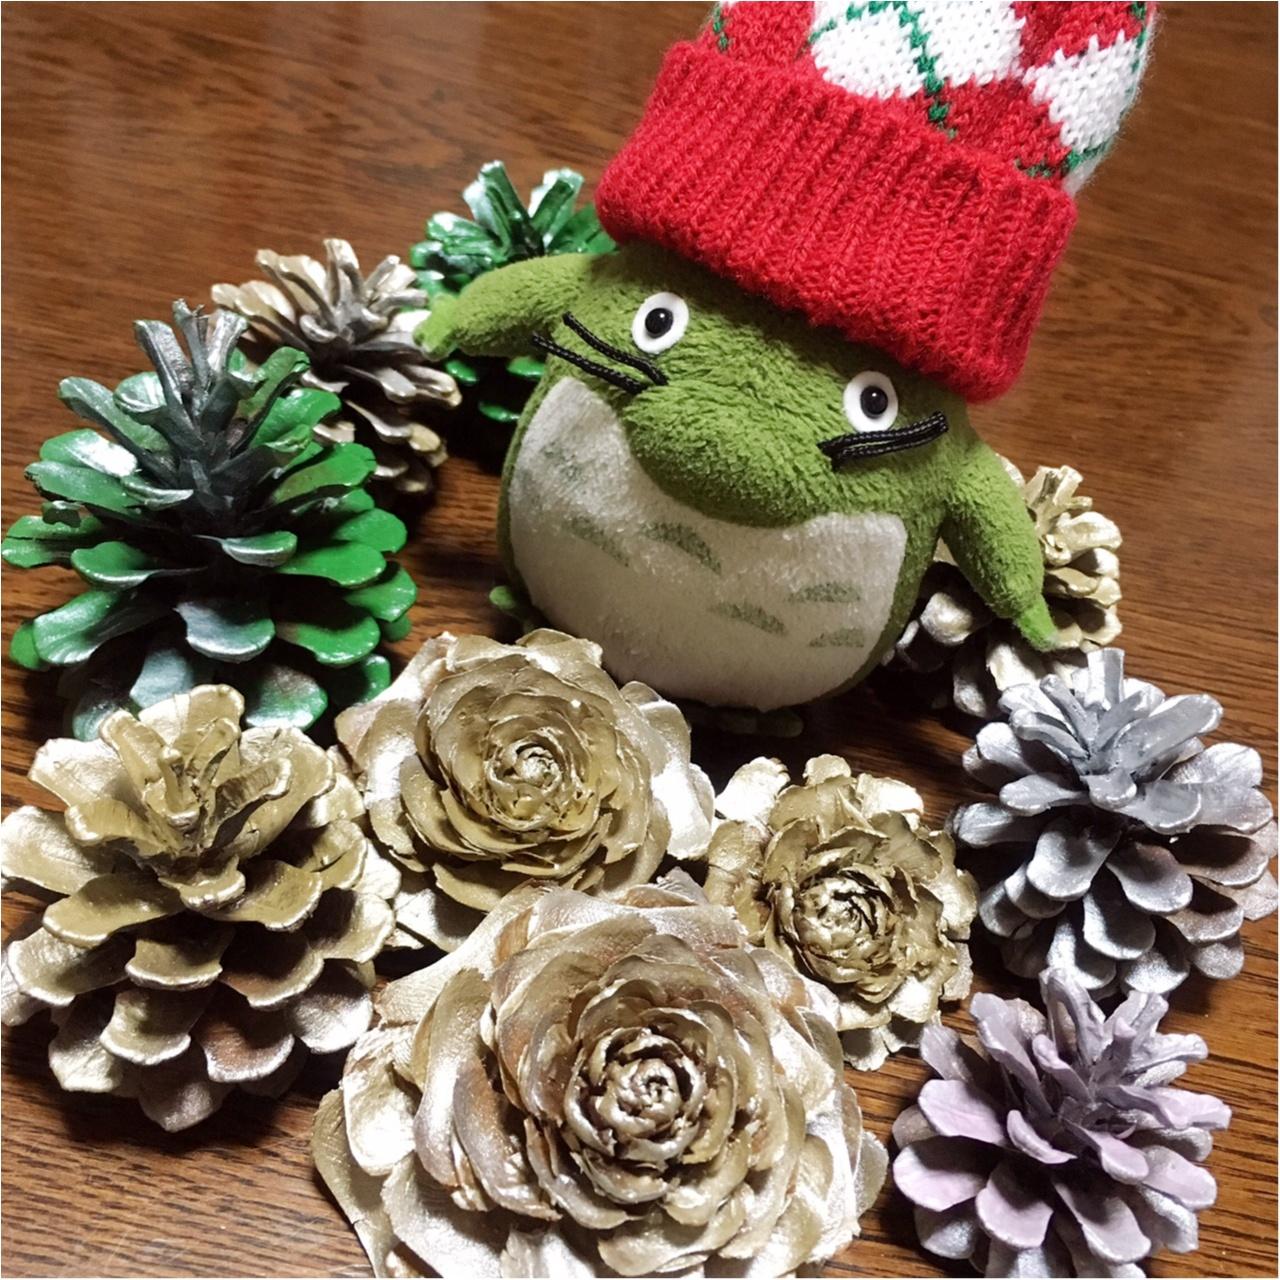 クリスマスにぴったり♡薔薇の形をした天然の松ぼっくり『シダーローズ』をあなたはご存知ですか?_3